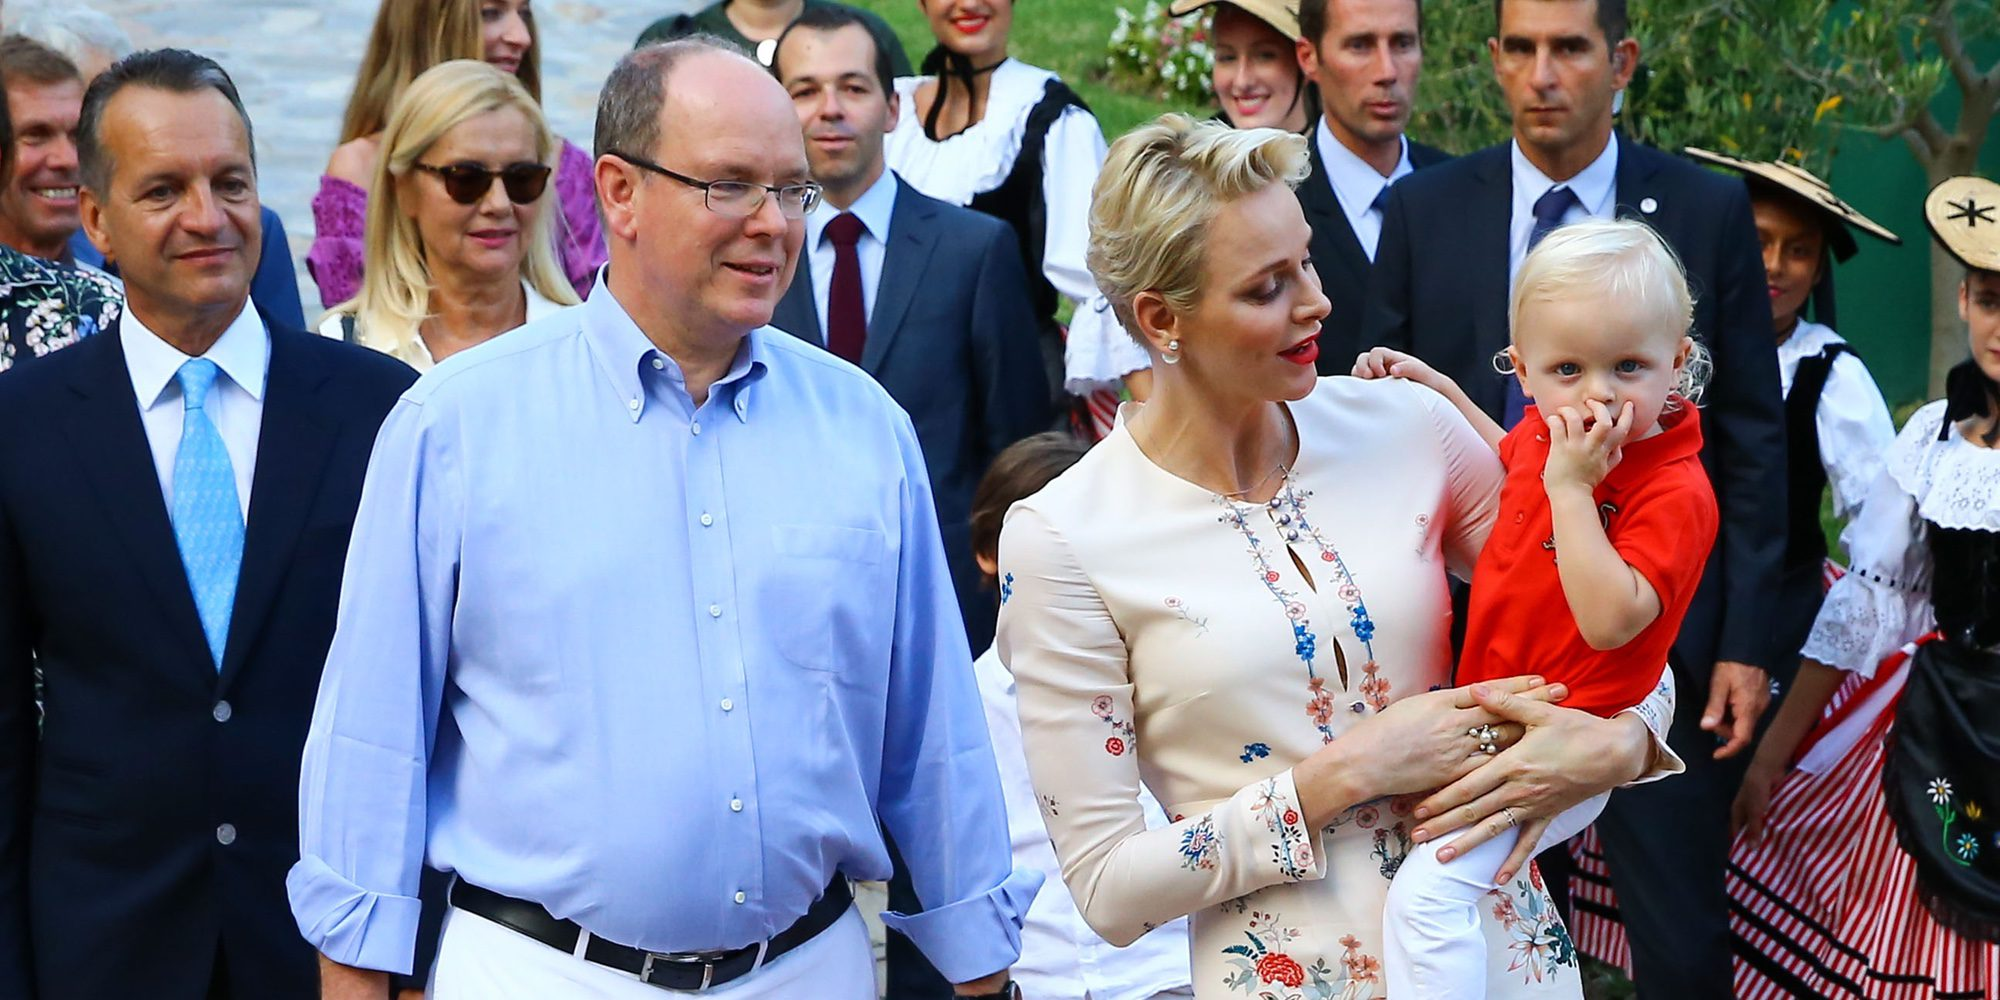 El Príncipe Jacques de Mónaco acapara todas las miradas en el tradicional picnic de Mónaco